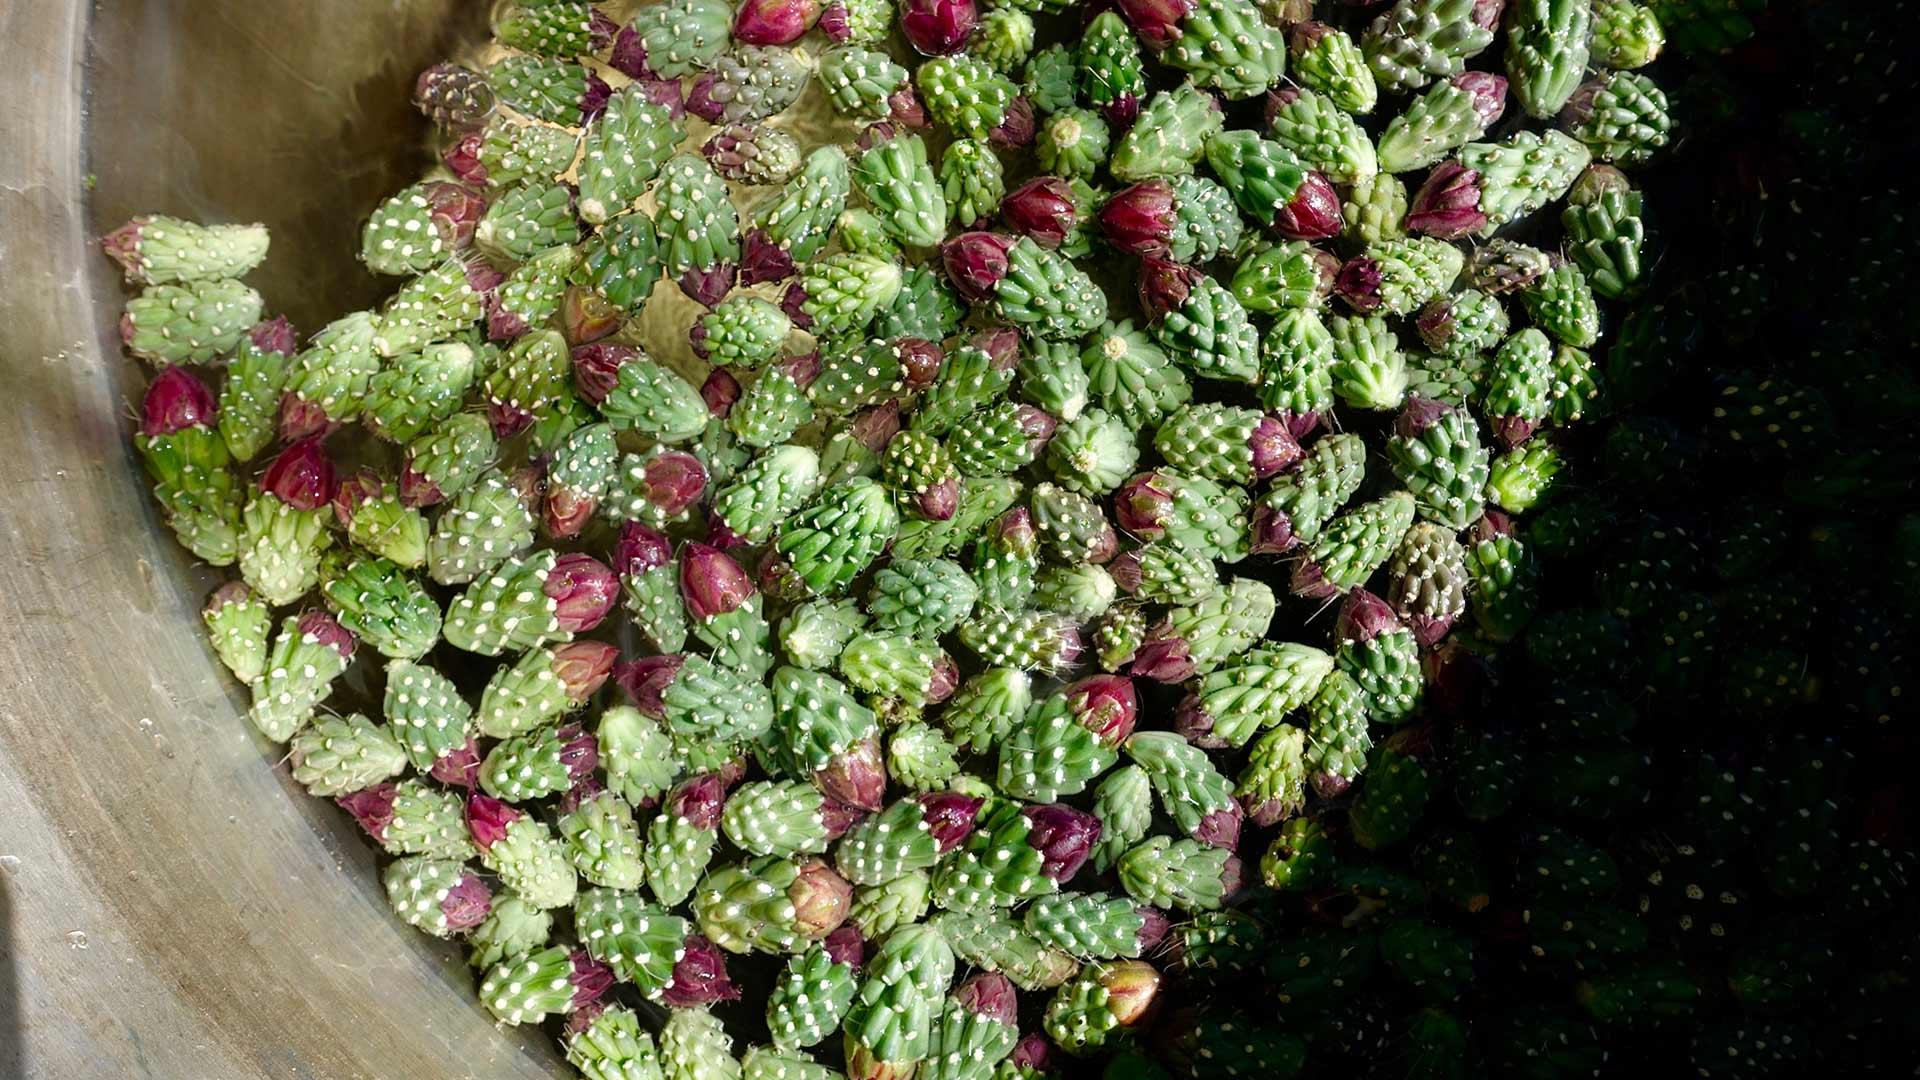 Cholla bud harvest 4